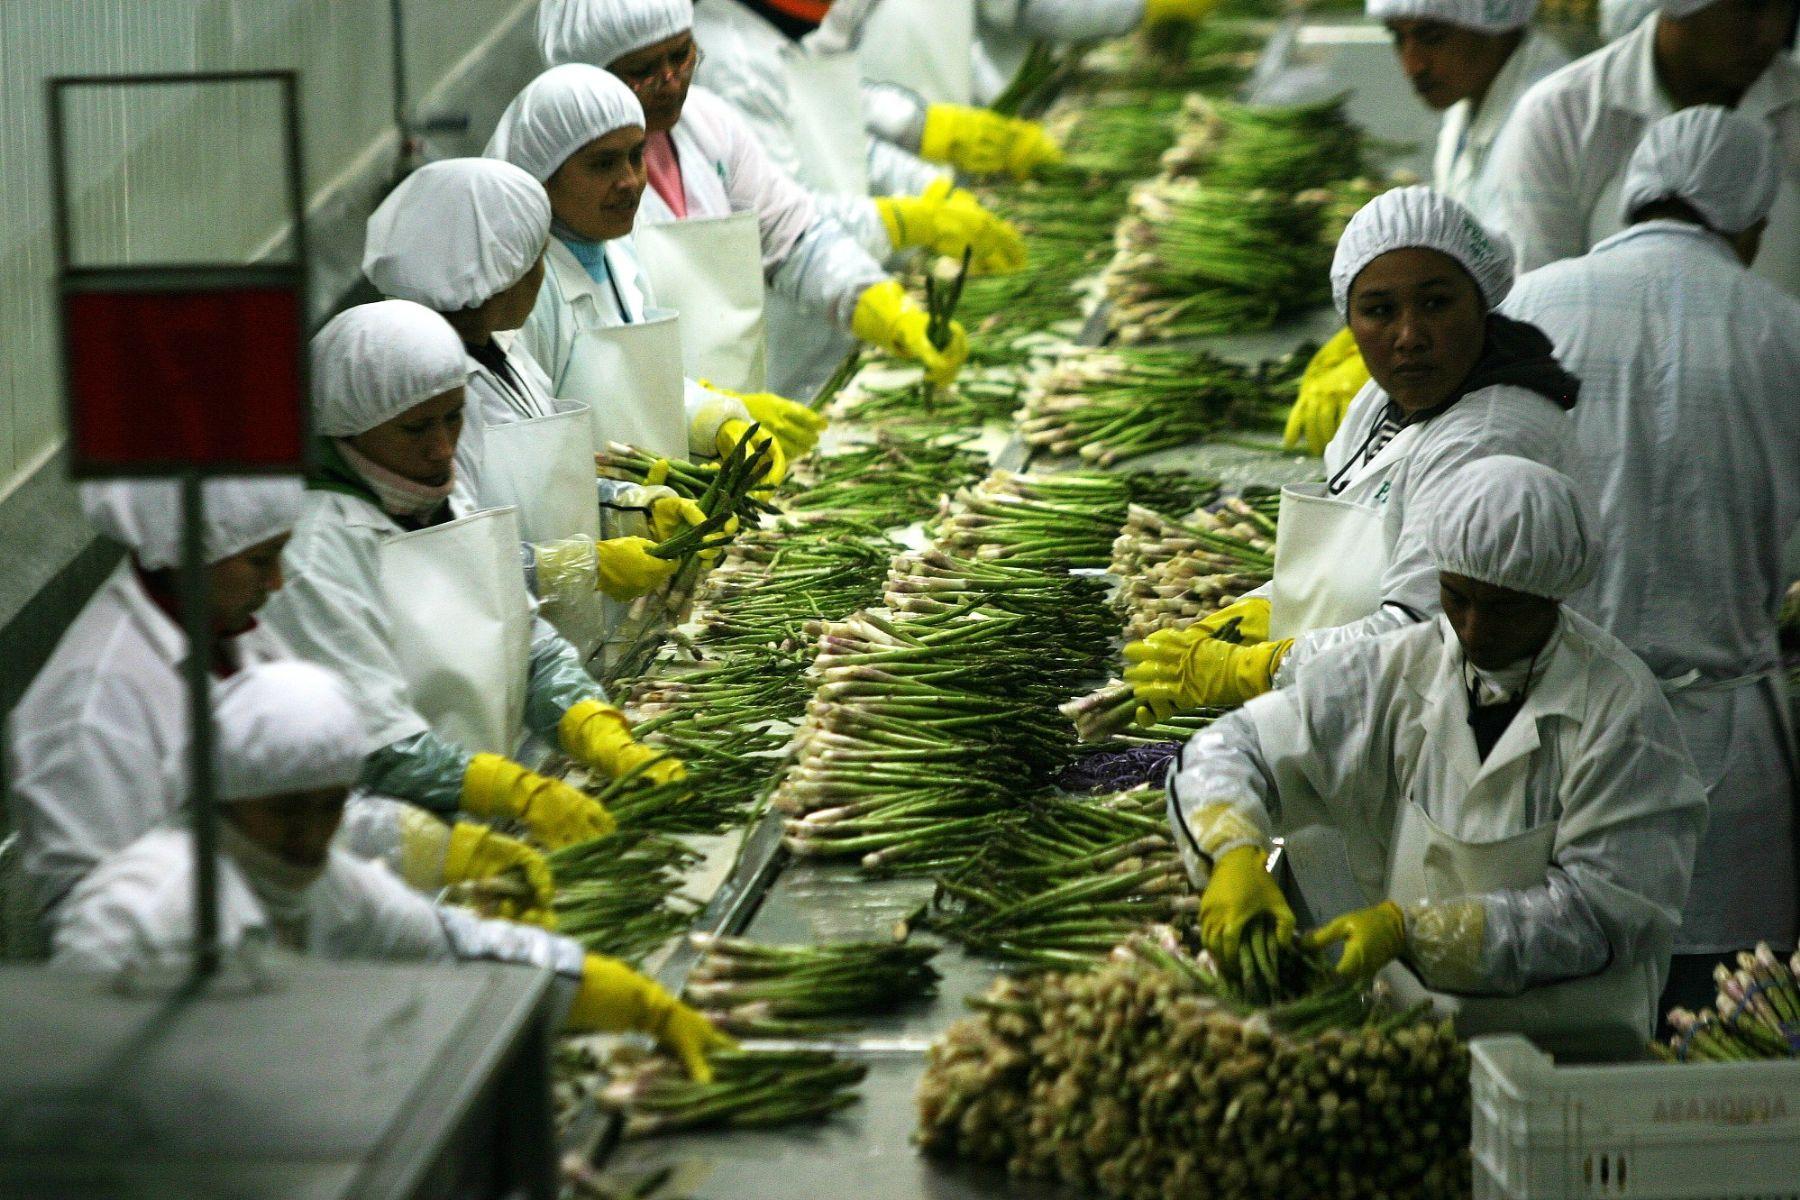 El espárrago y otros productos agroindustriales son la principal oferta exportable de Lambayeque. ANDINA/archivo